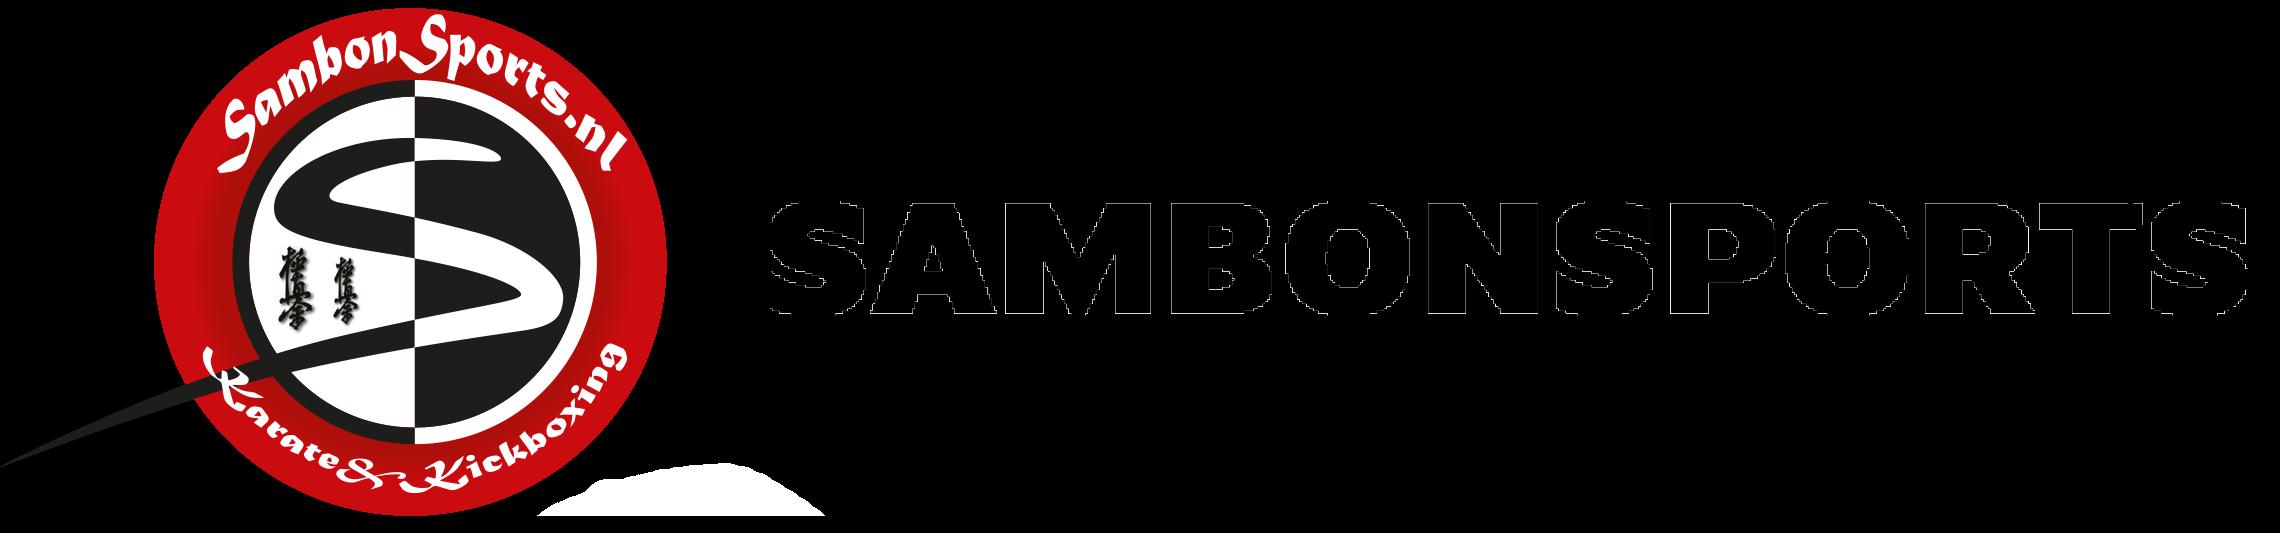 Sambonsports Karate en Kickboxing logo